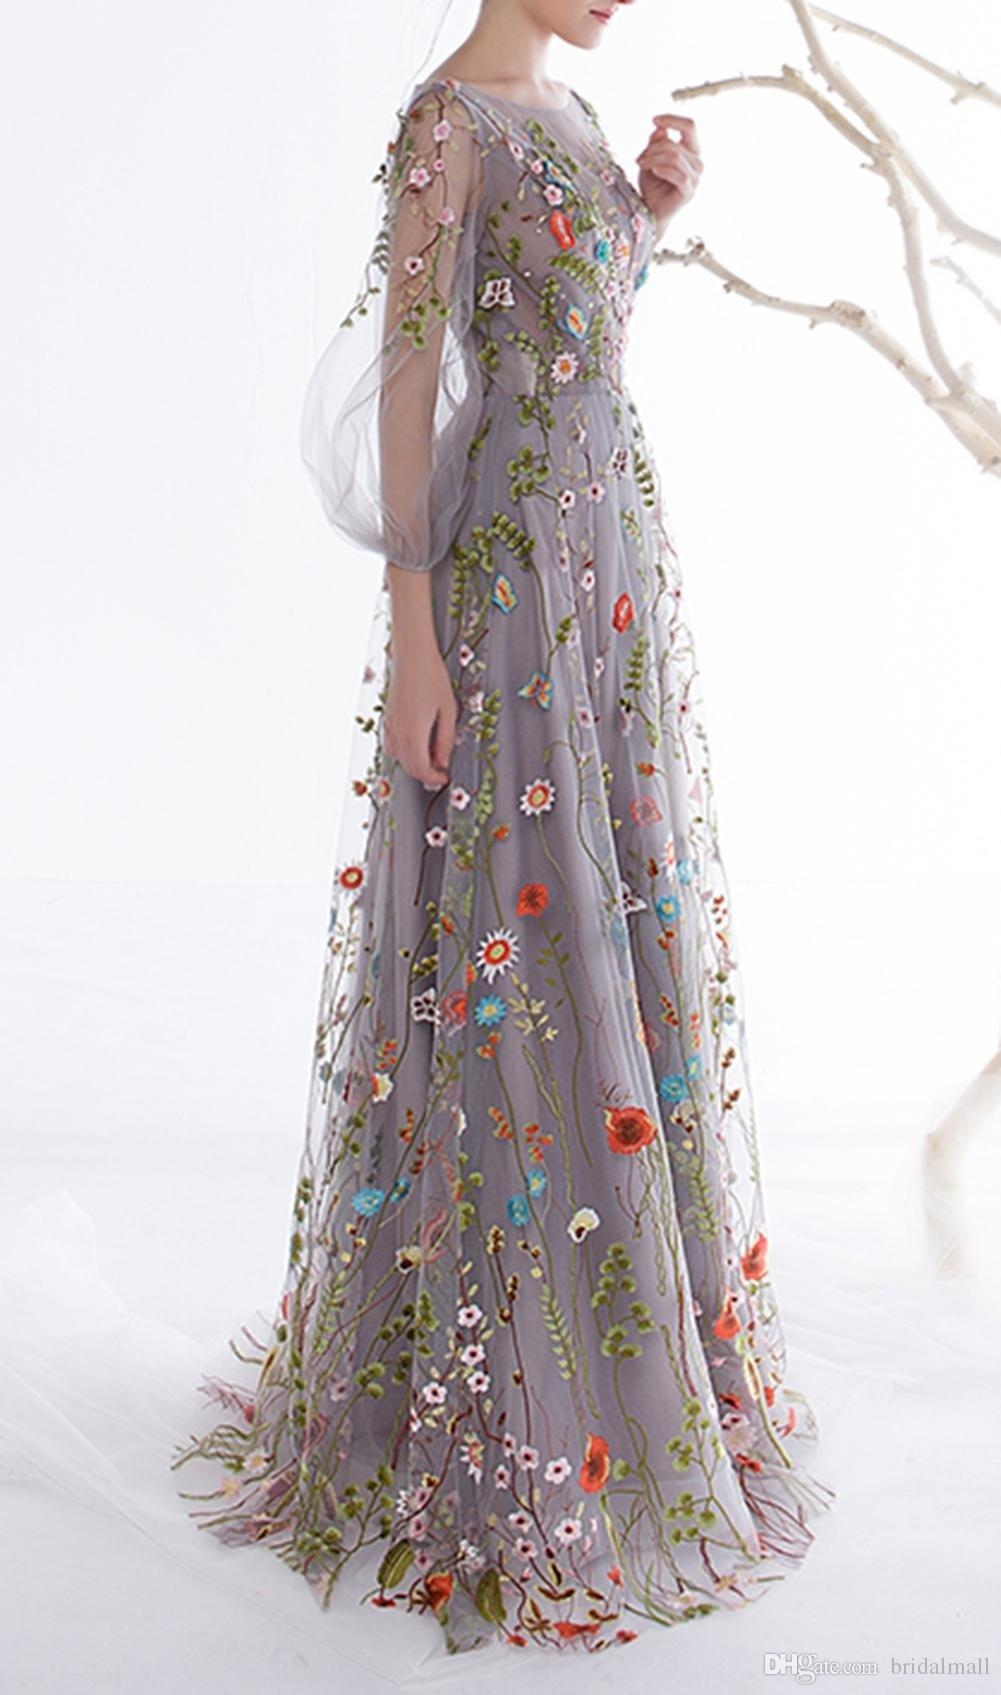 Fantastisch Frauen Abendkleider Stylish Top Frauen Abendkleider Ärmel